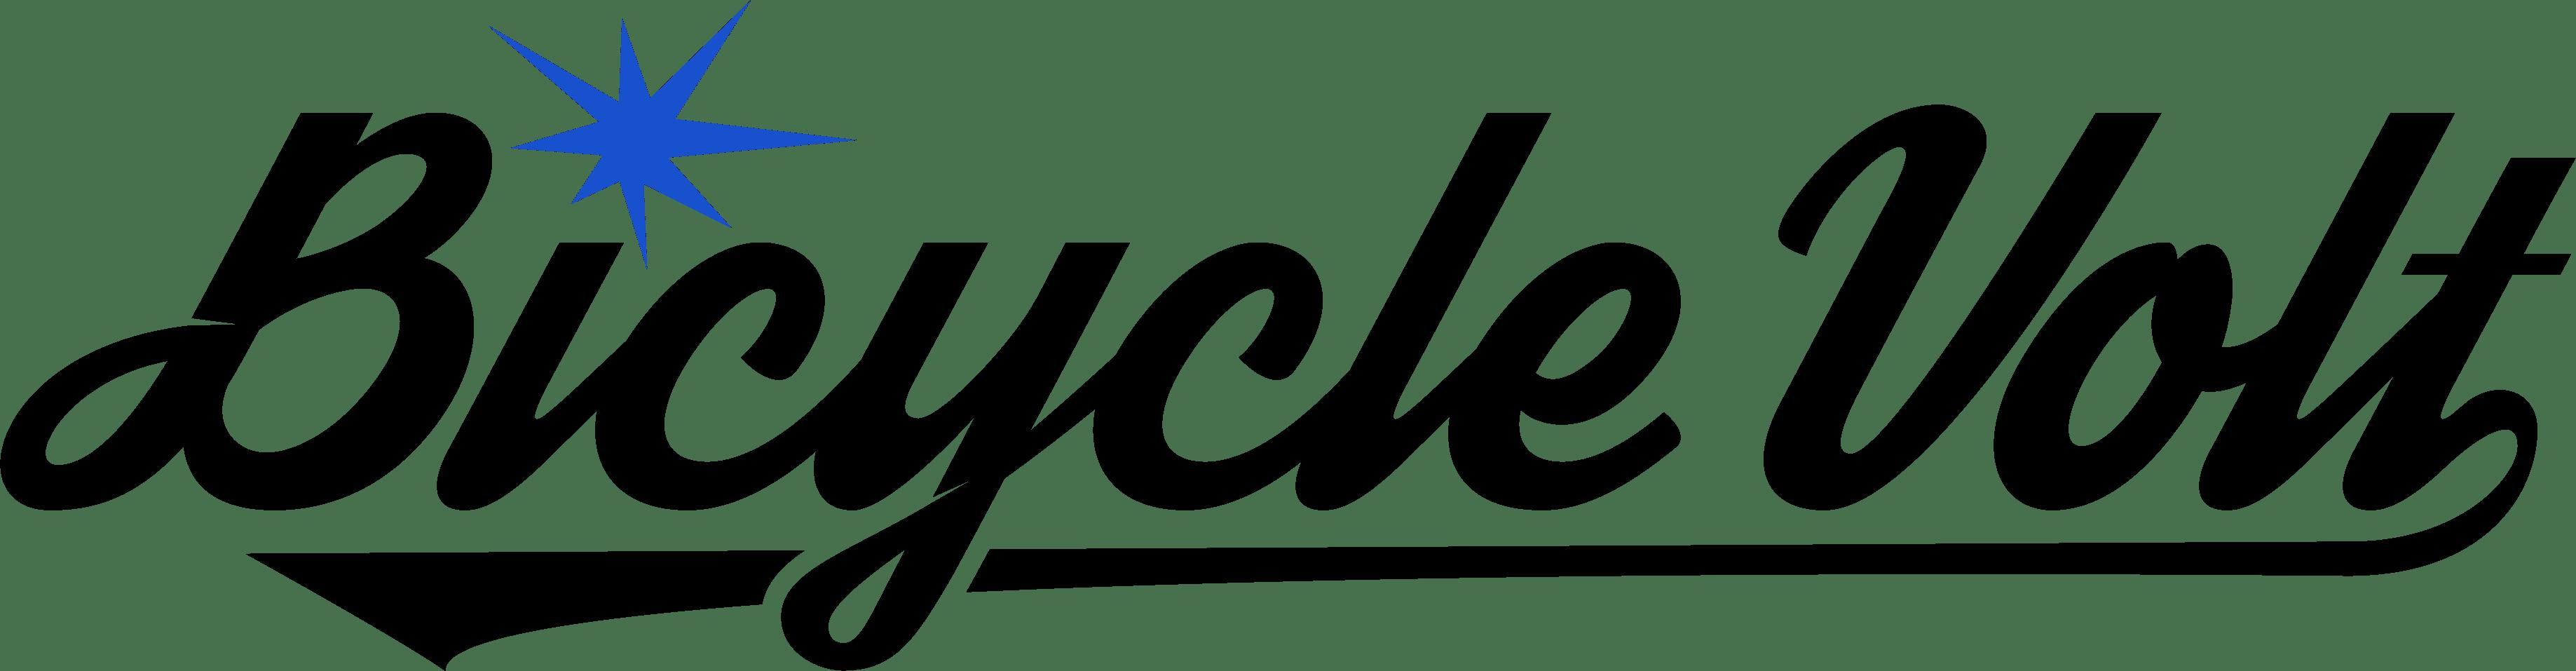 BicycleVolt